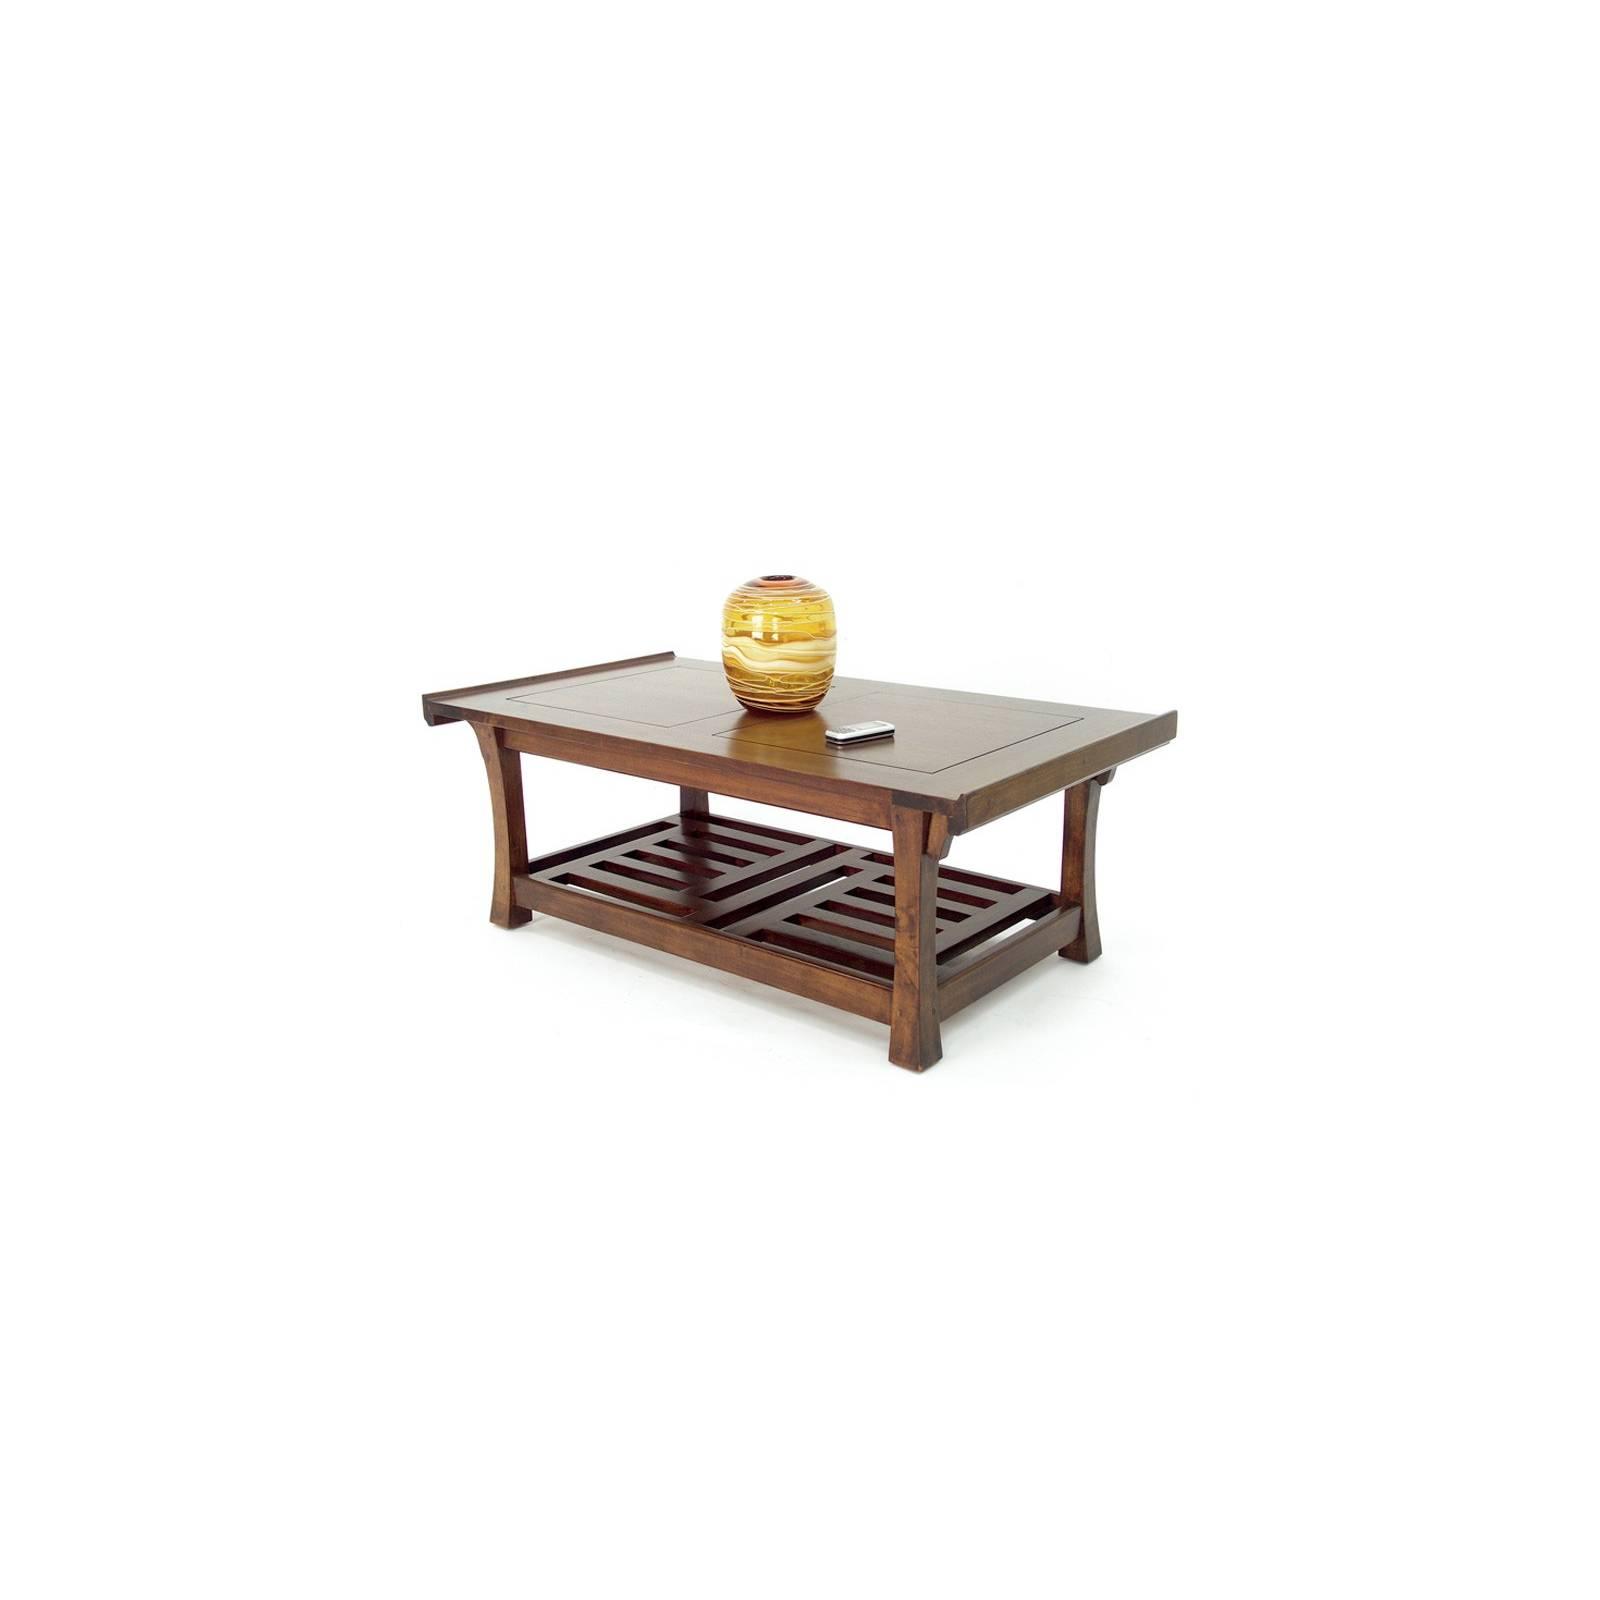 Table Basse Chine Hévéa - meuble bois exotique